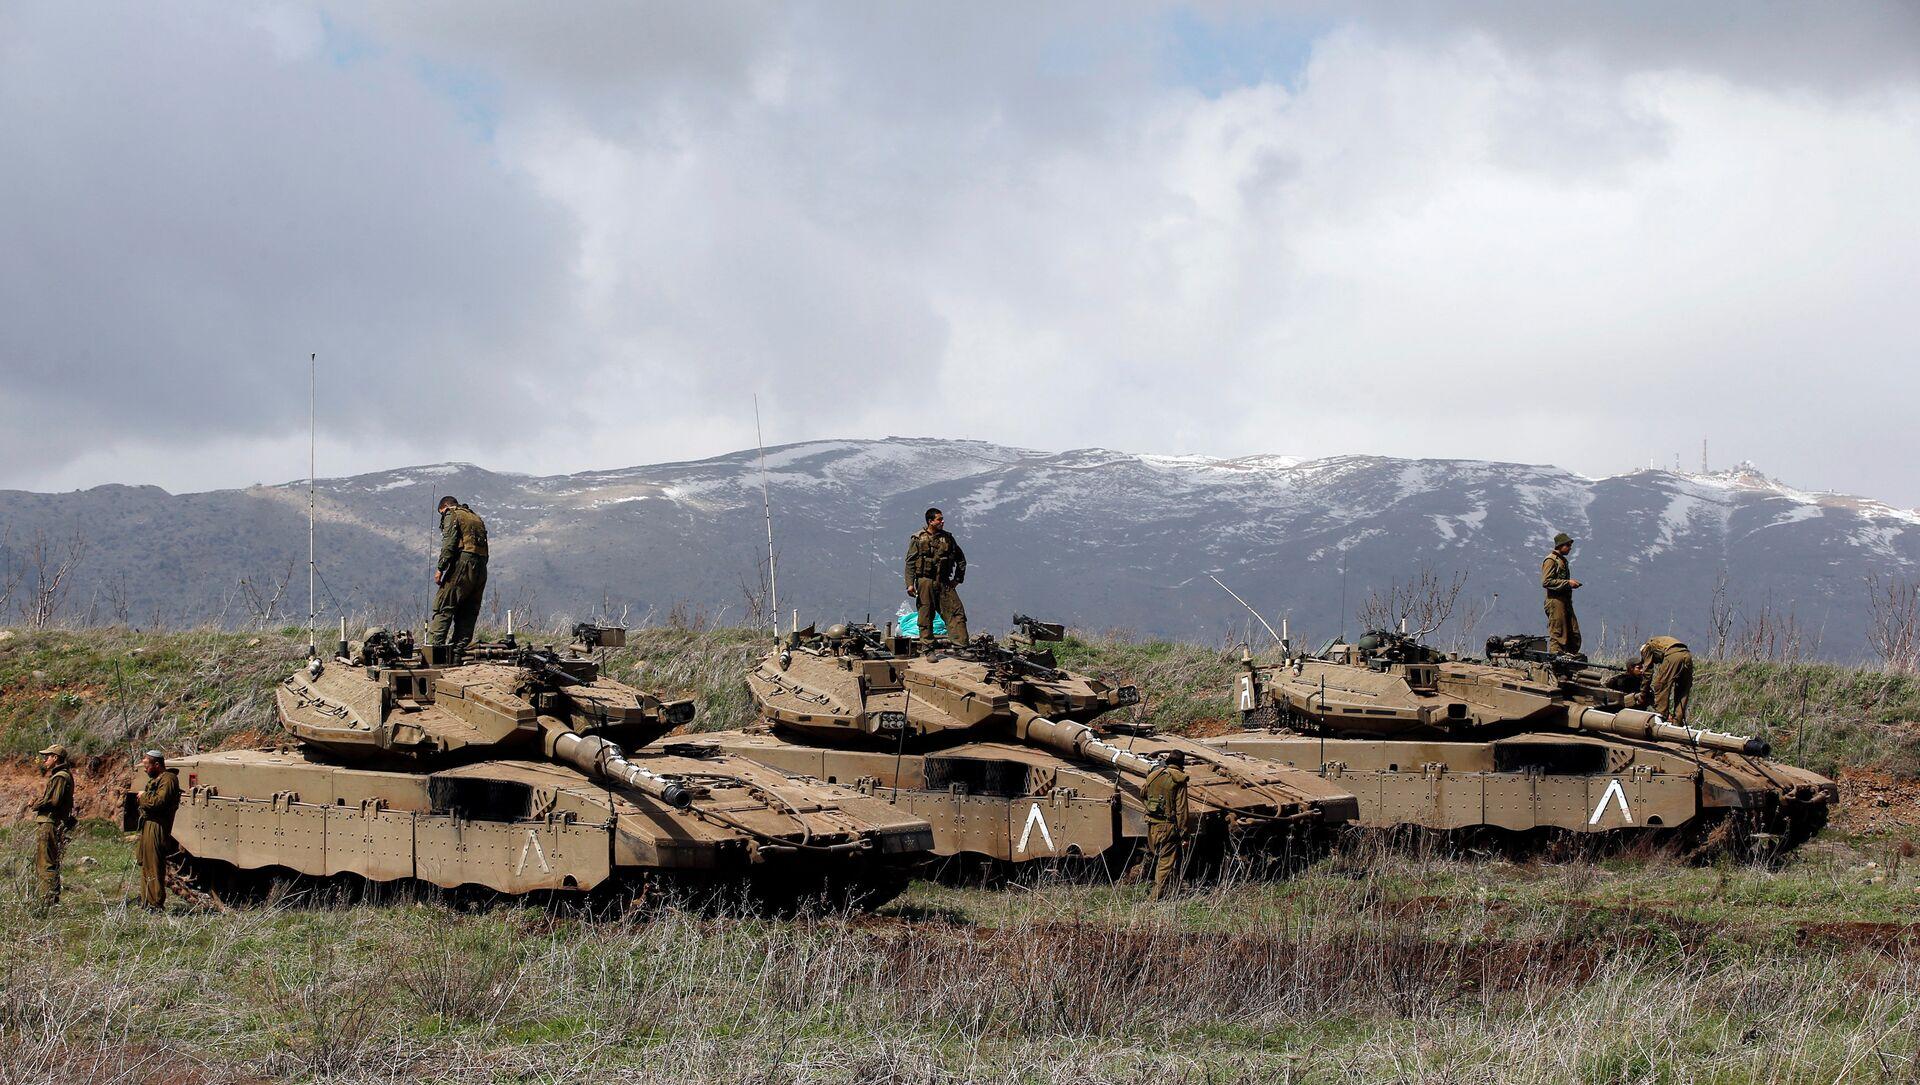 Des soldats israéliens au sommet de chars sur le plateau du Golan, près de la frontière entre Israël et la Syrie - Sputnik France, 1920, 03.09.2021